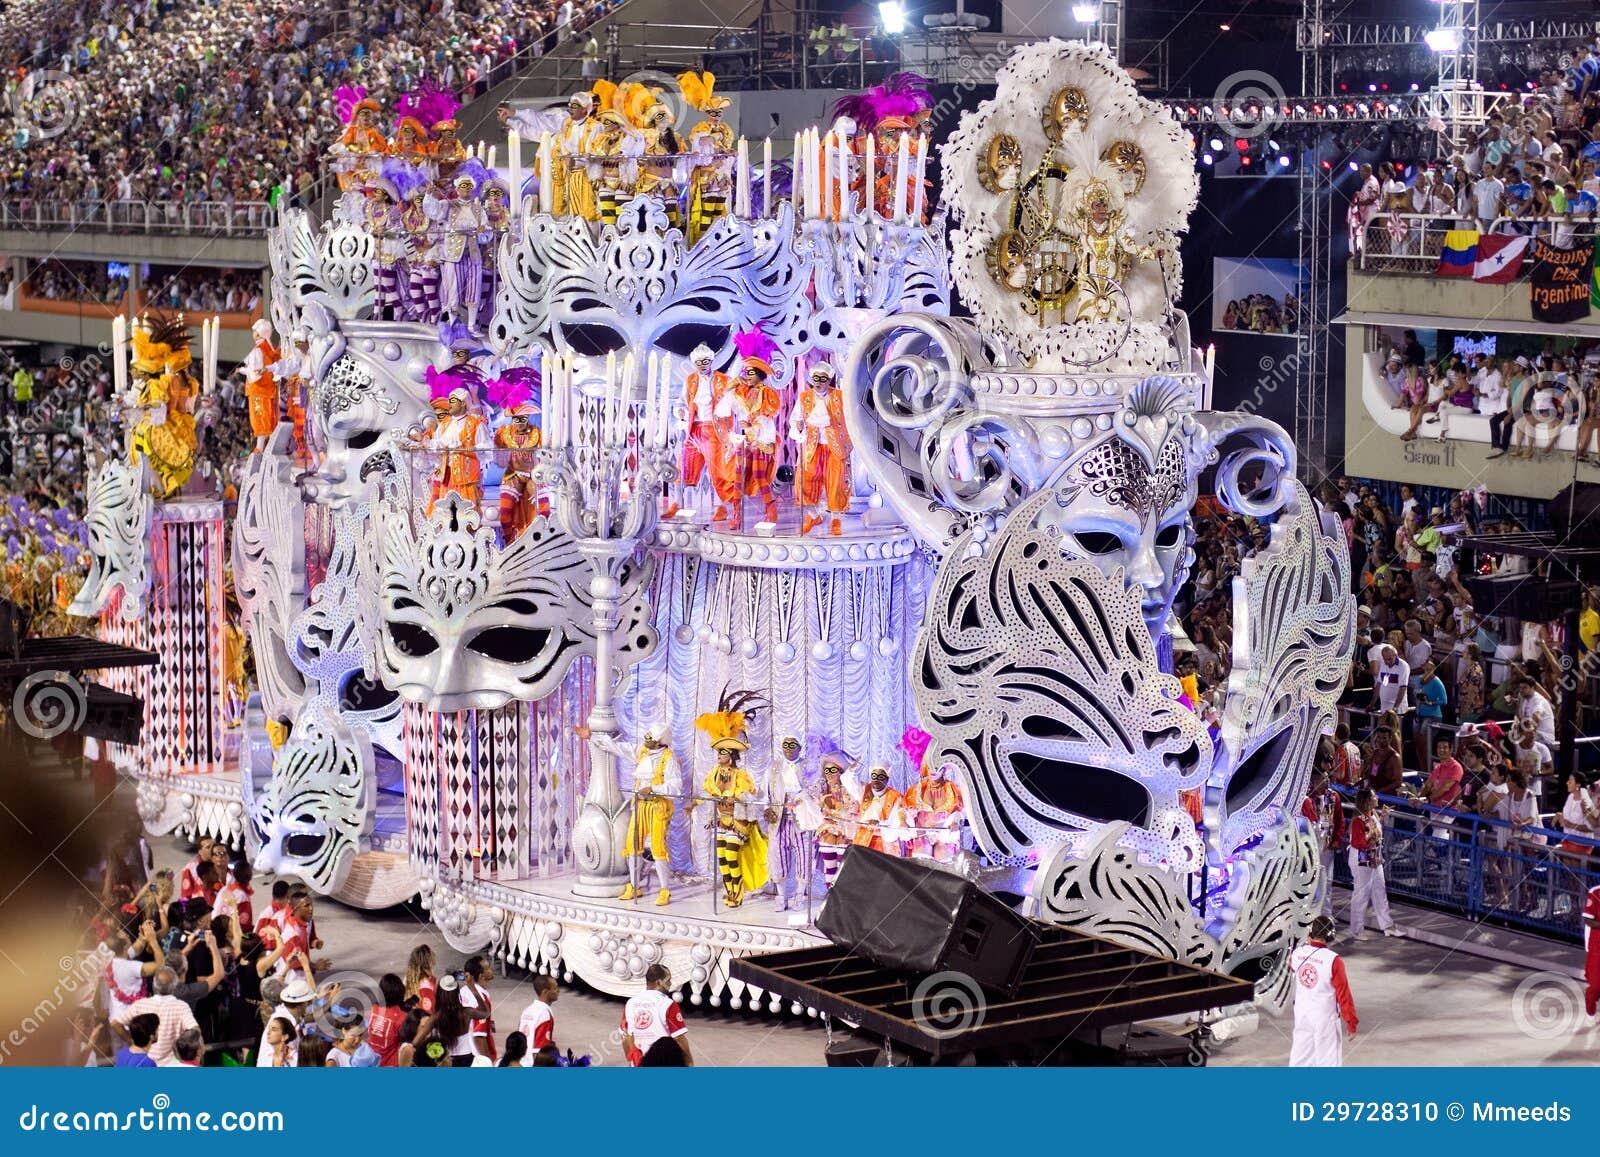 RÍO DE JANEIRO - 11 DE FEBRERO: Muestre con las decoraciones en carnaval